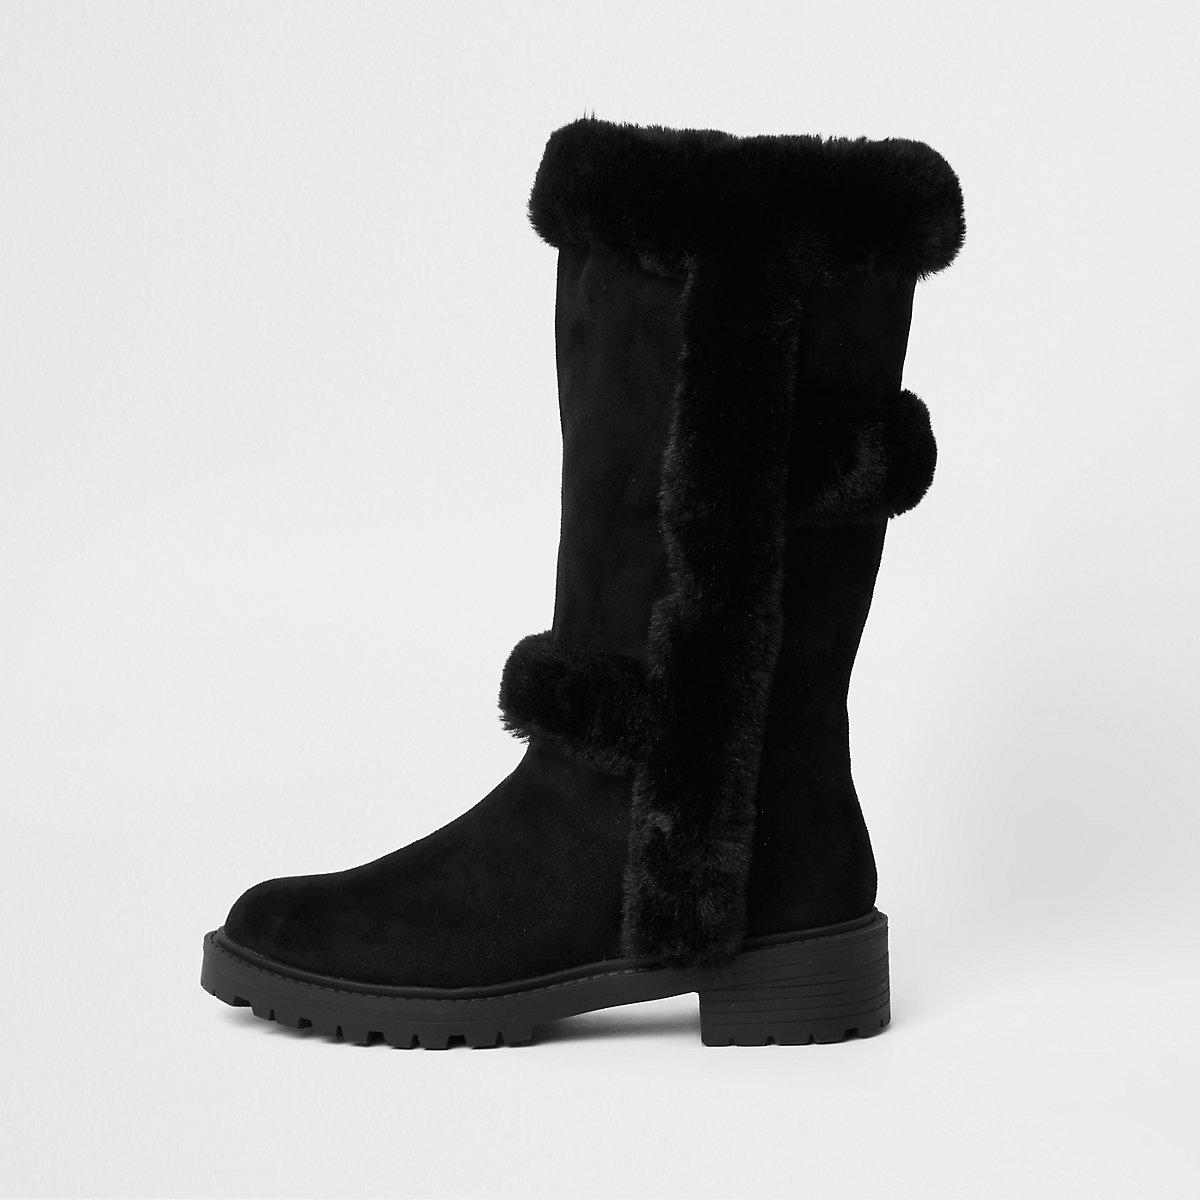 Zwarte kniehoge laarzen met voering van iminitatiebont